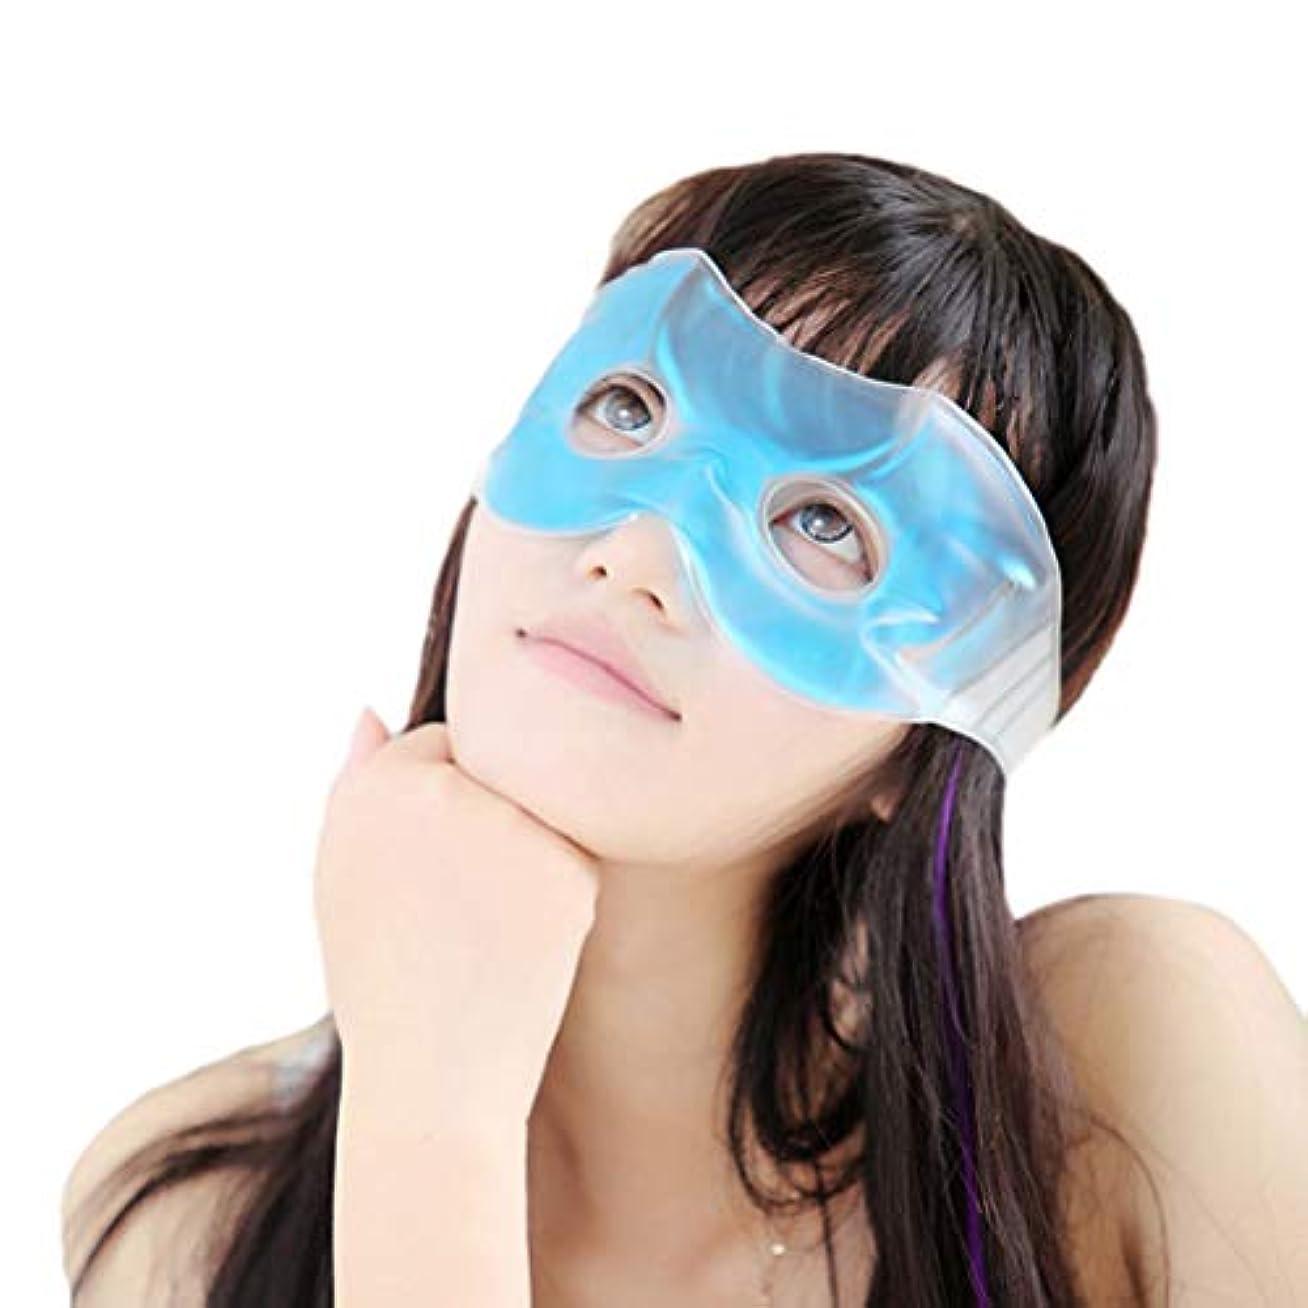 キャリッジお誕生日ガジュマルHealifty アイマスク ゲル アイスパッド アイスアイマスク 目隠し リラックス 冷却 パック 再使用可能 目の疲れ軽減 安眠 血行促進